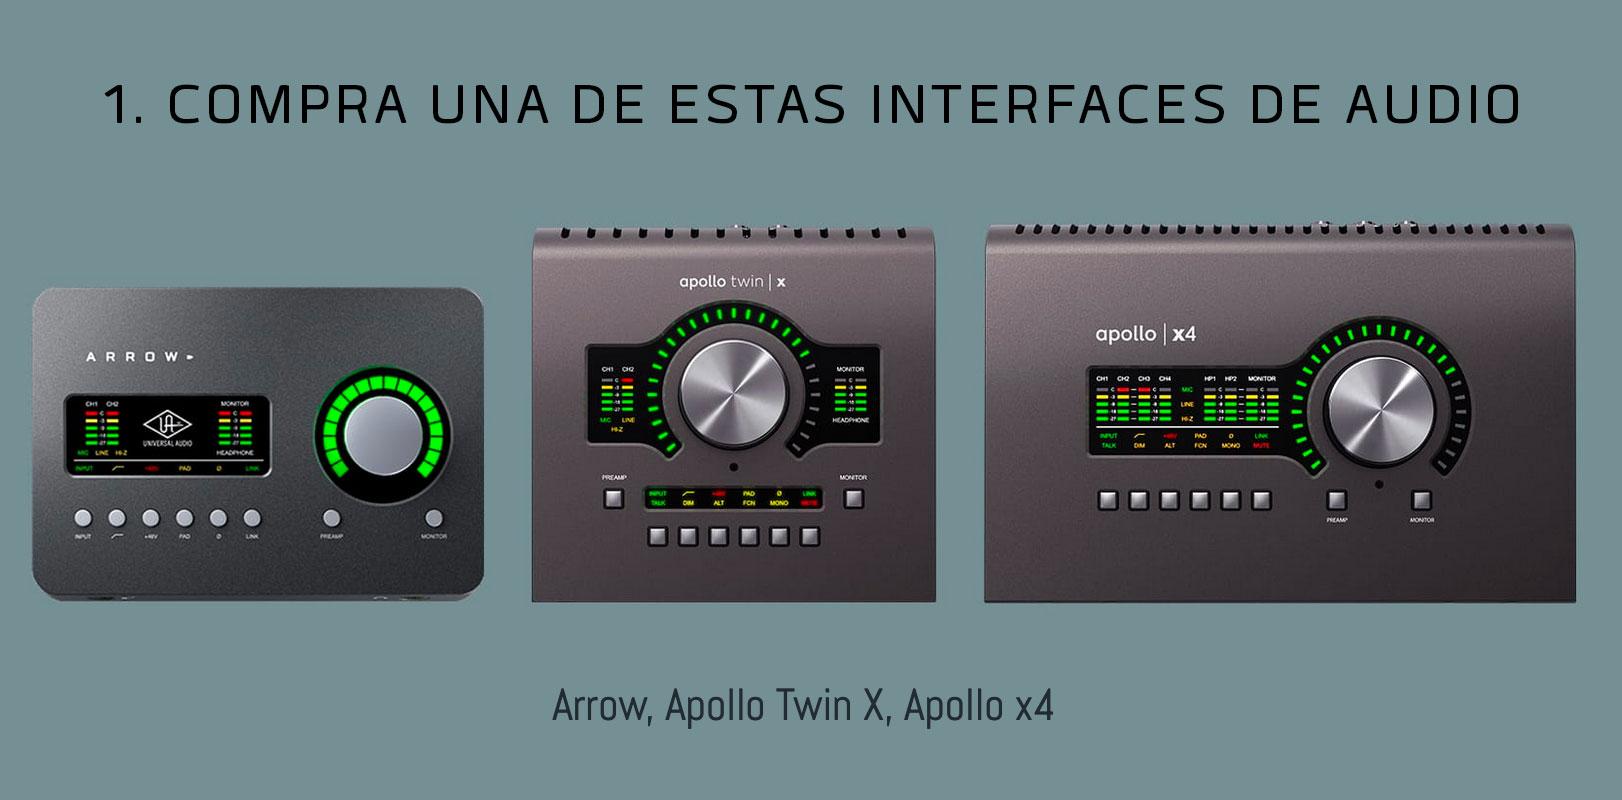 Apollo-Desktop-X-y-Arrow-con-plugins-gratis-hasta-final-de-ano-1